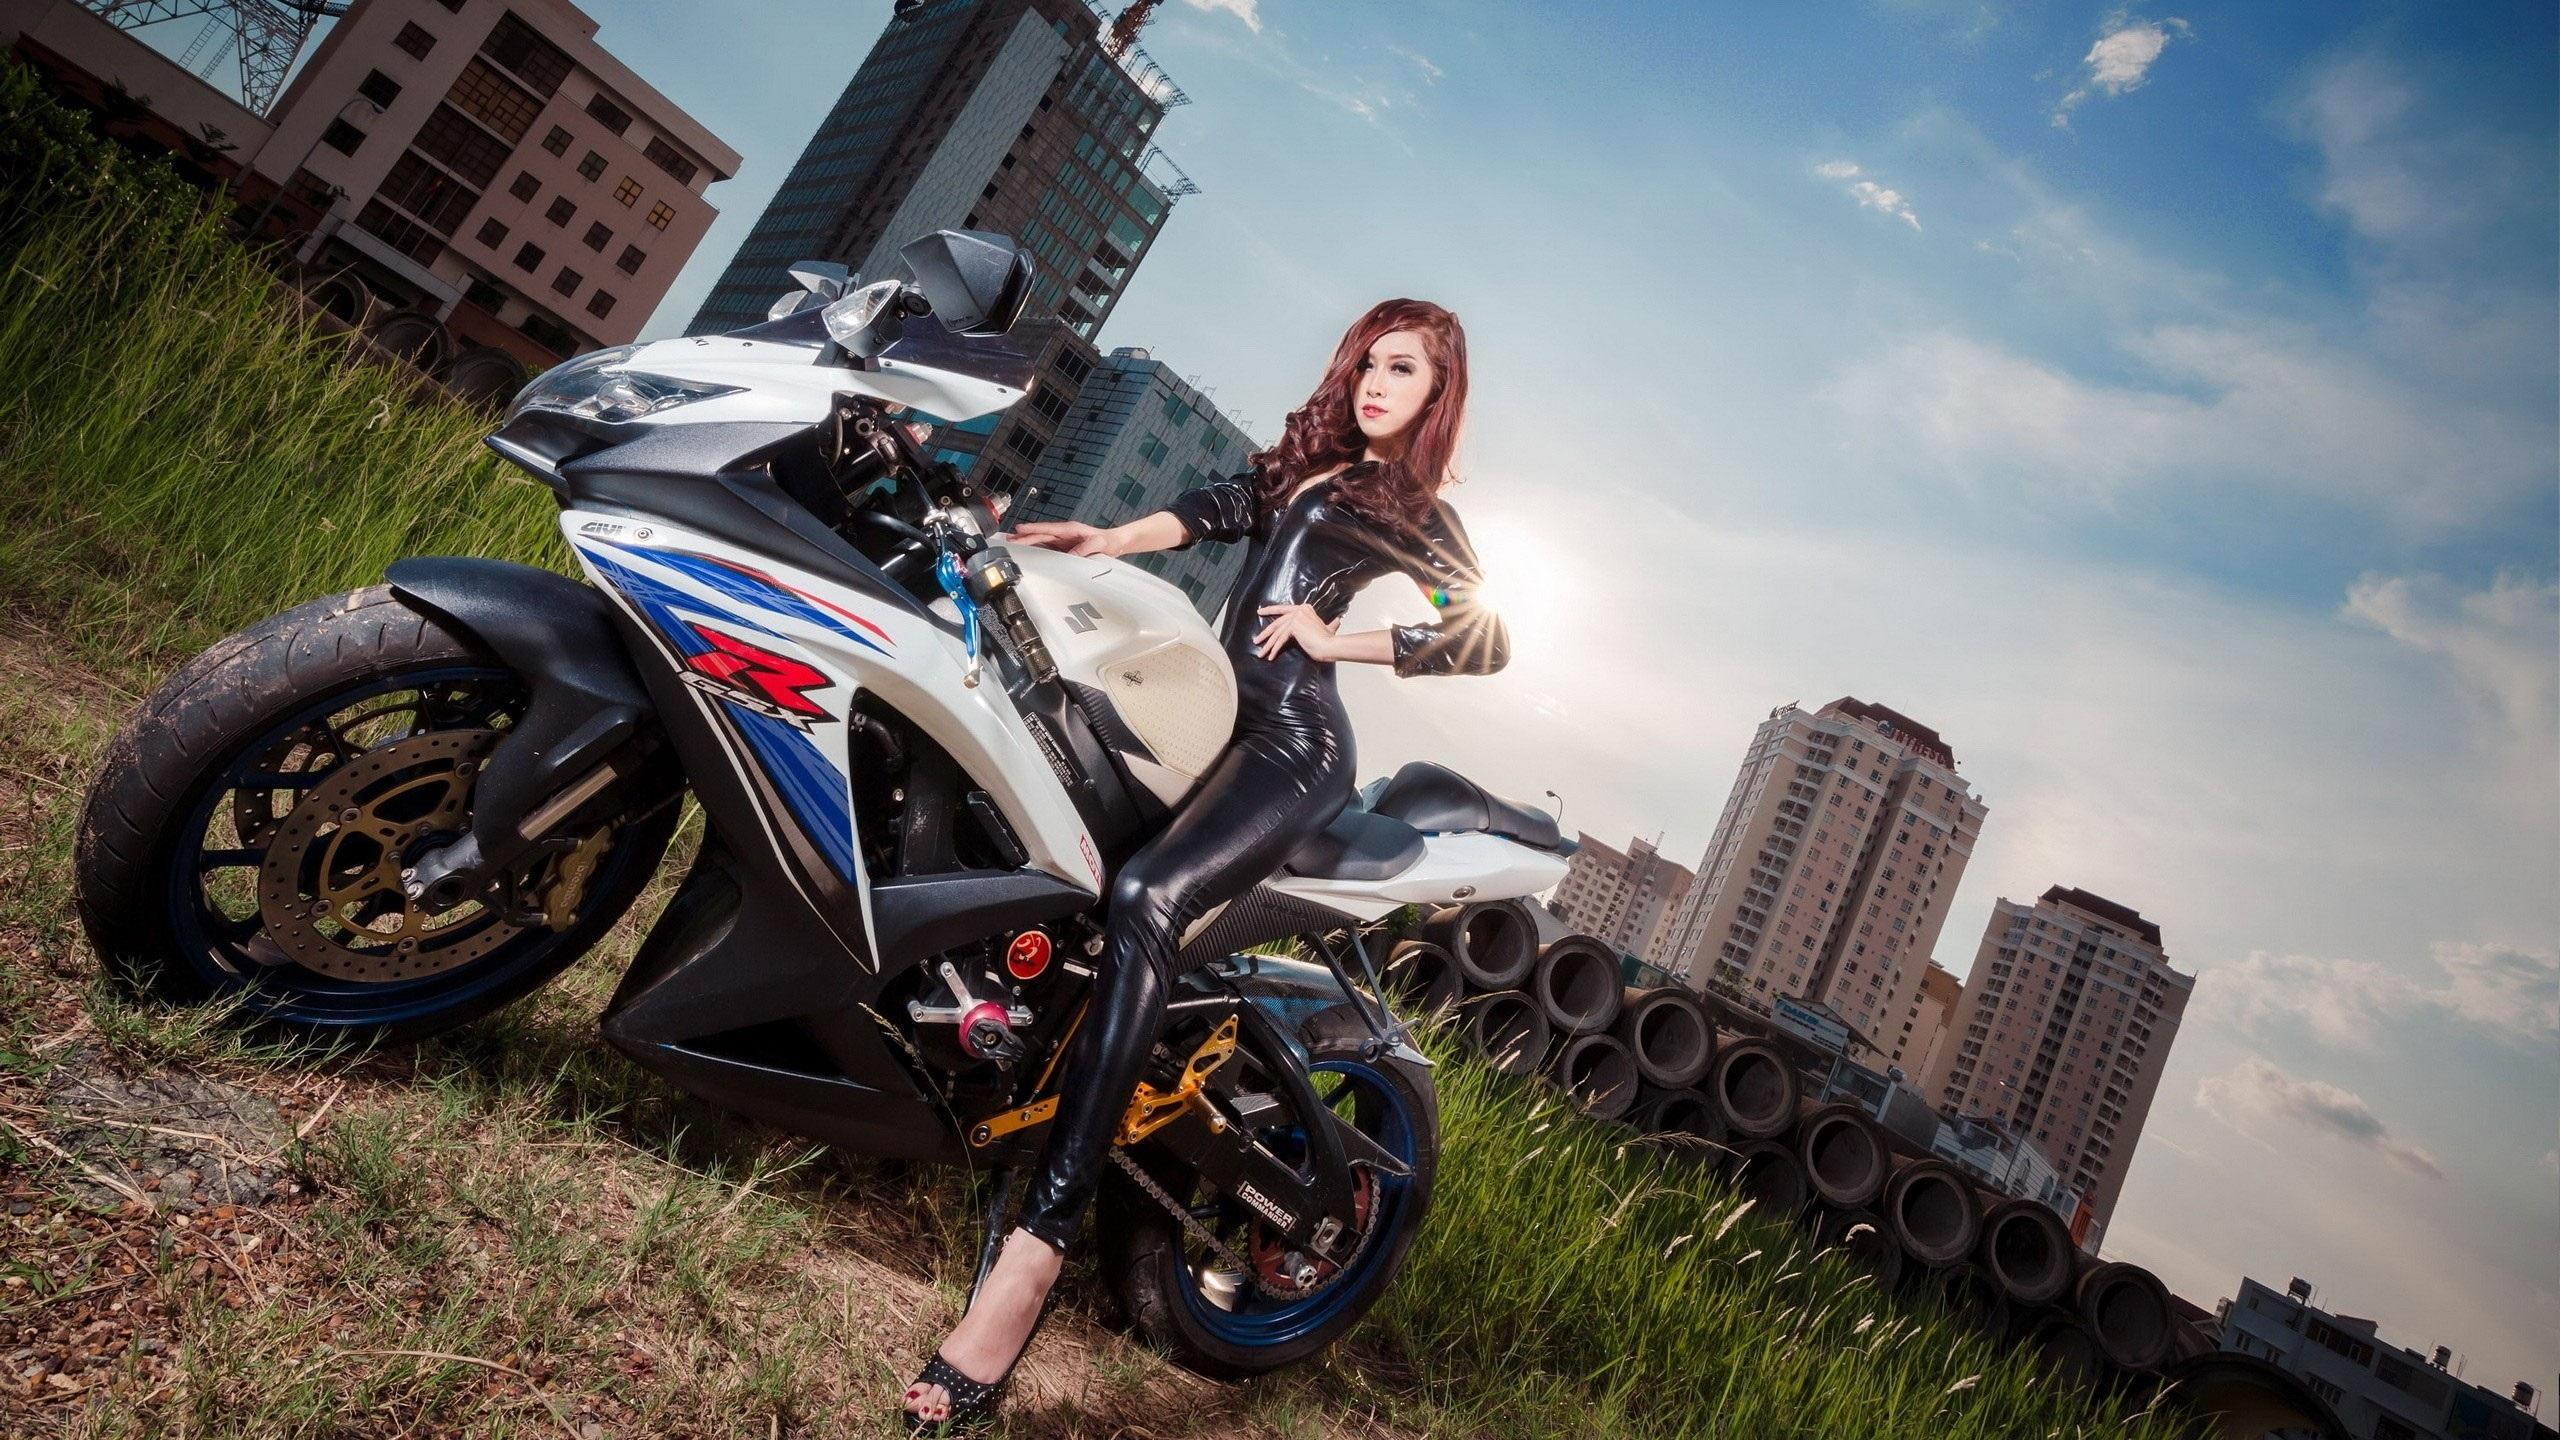 壁紙 アジアの女の子とスズキgsx Rのオートバイ 2560x1440 Qhd 無料のデスクトップの背景 画像